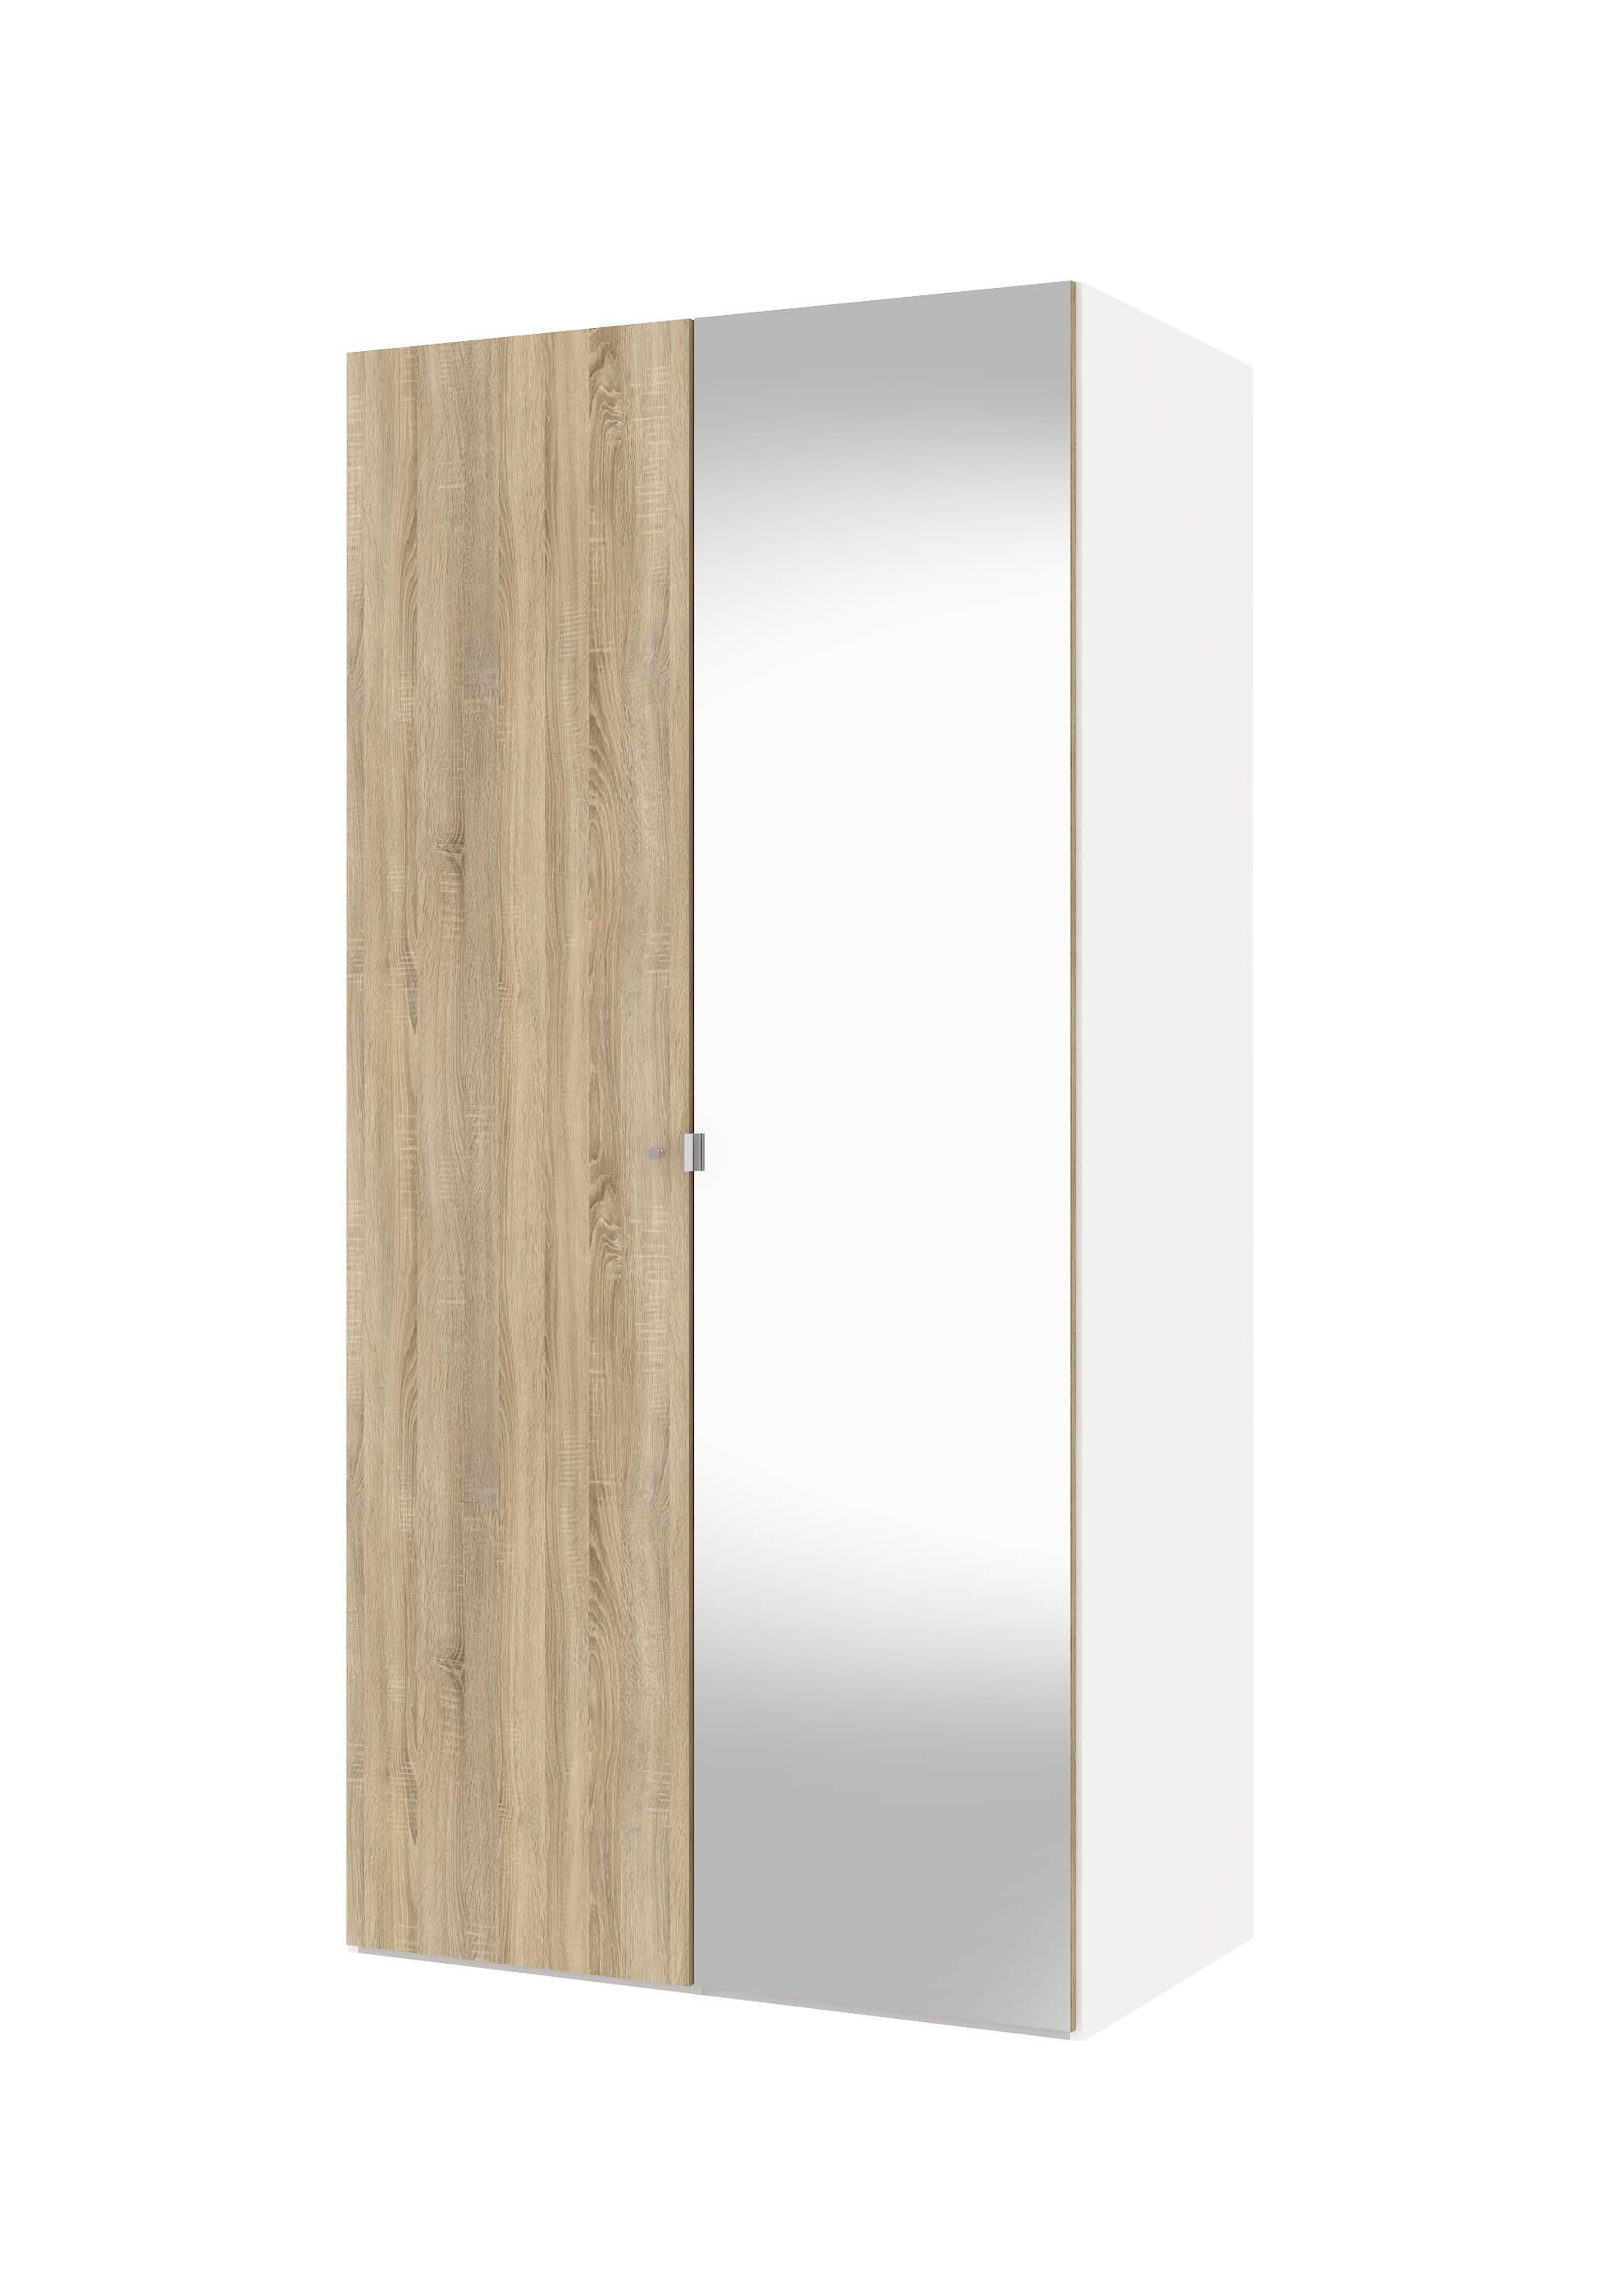 Billede af Save garderobeskab (100 cm) i hvid/eg struktur med spejl